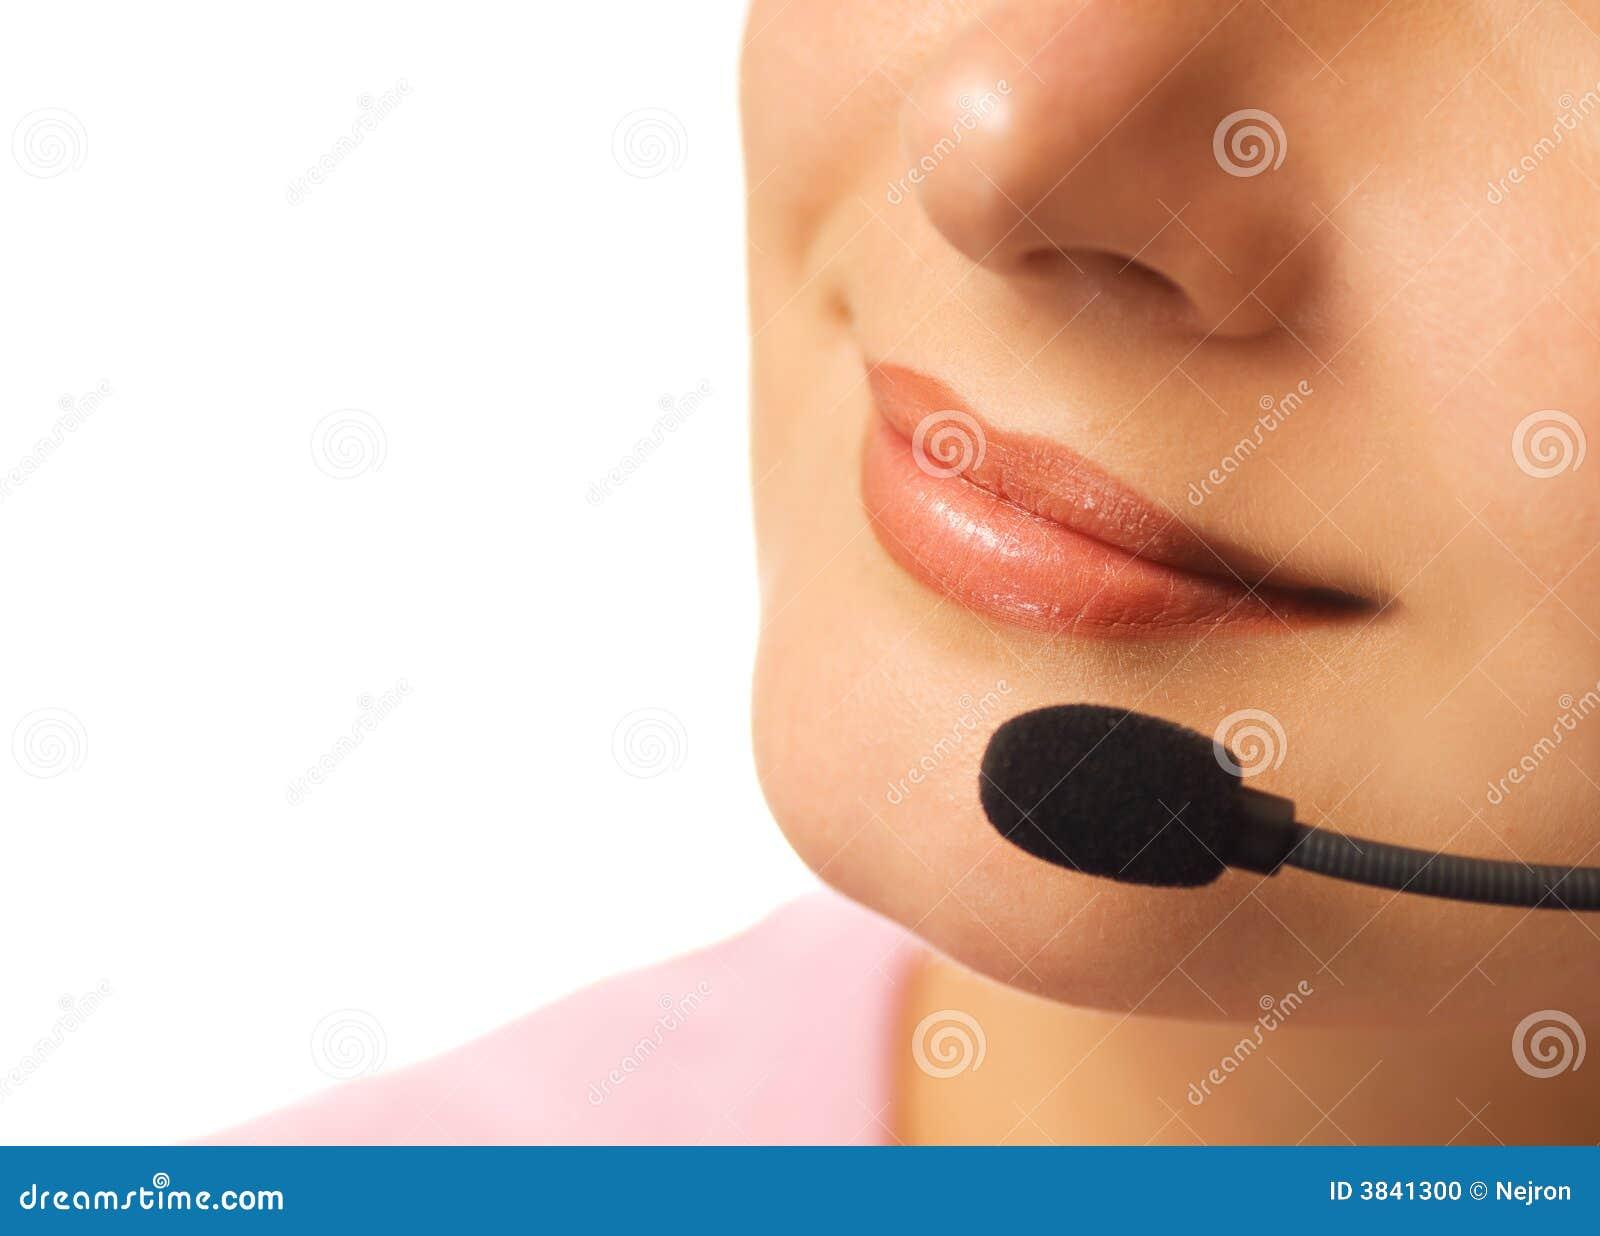 оператор линии связи между главами правительств